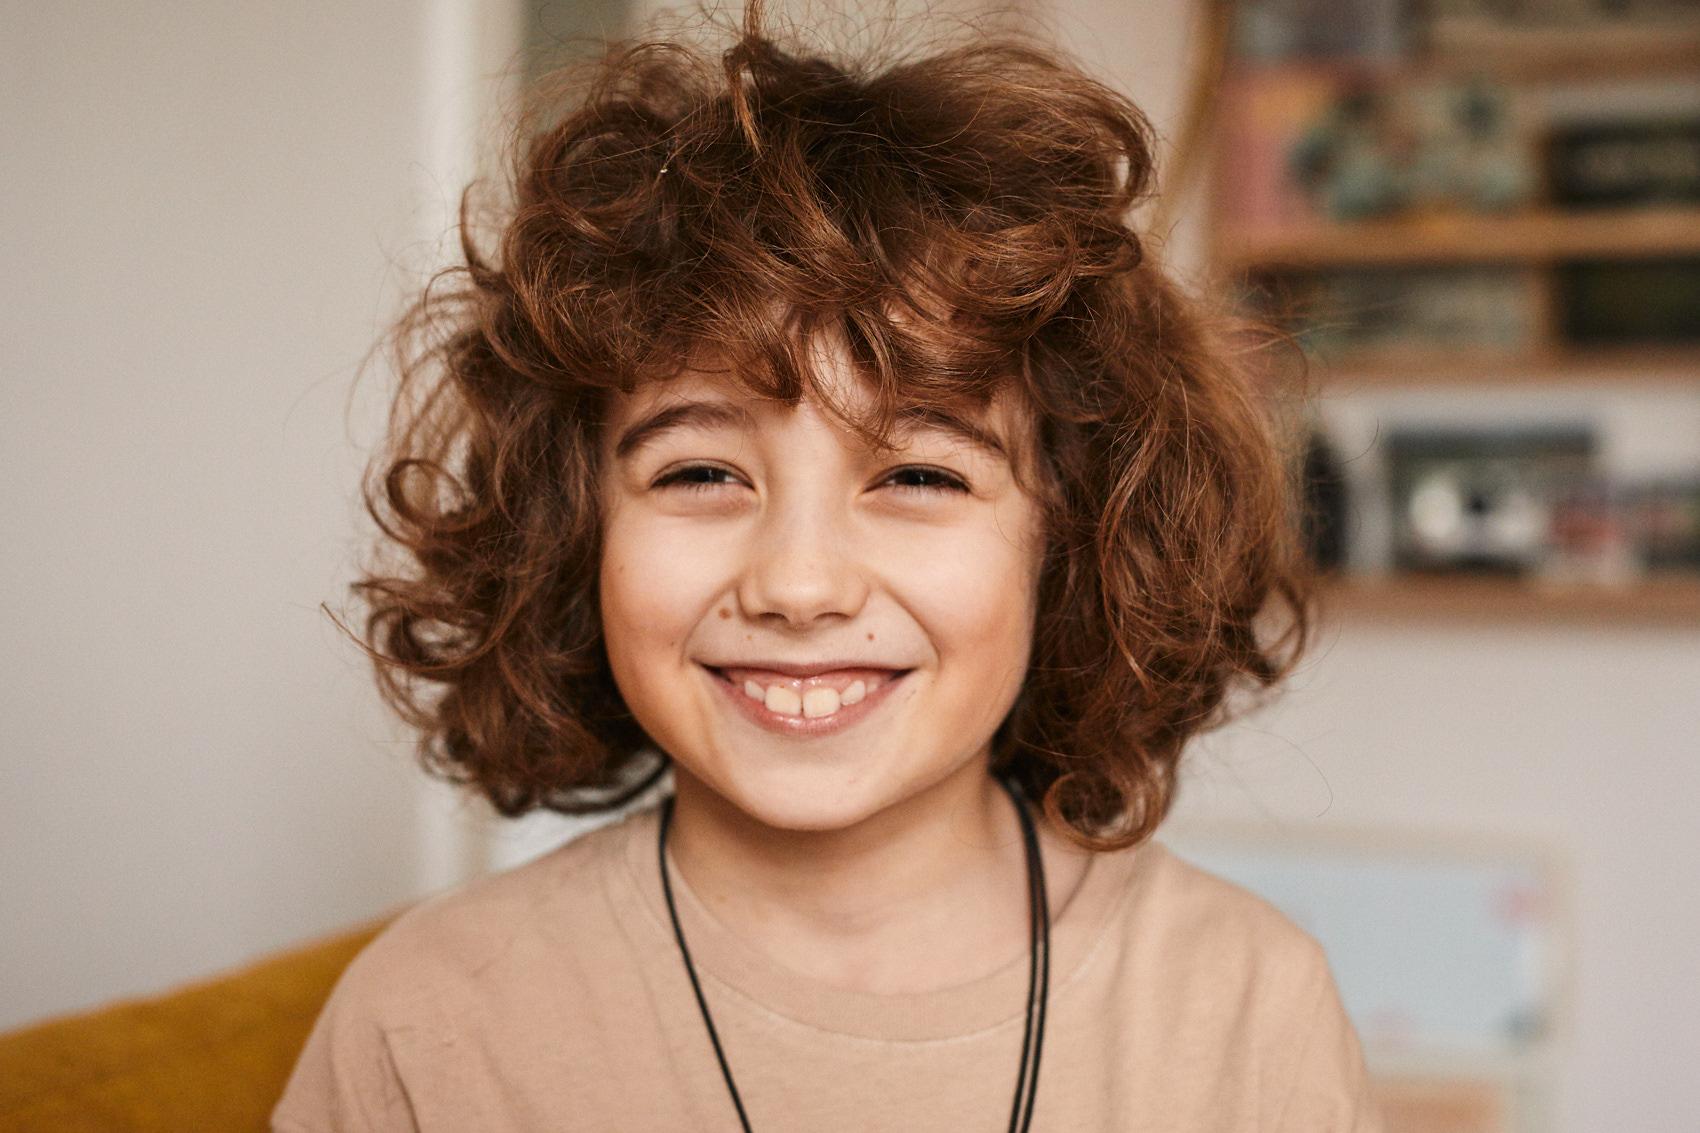 portret dzieciecy sesja warszawa